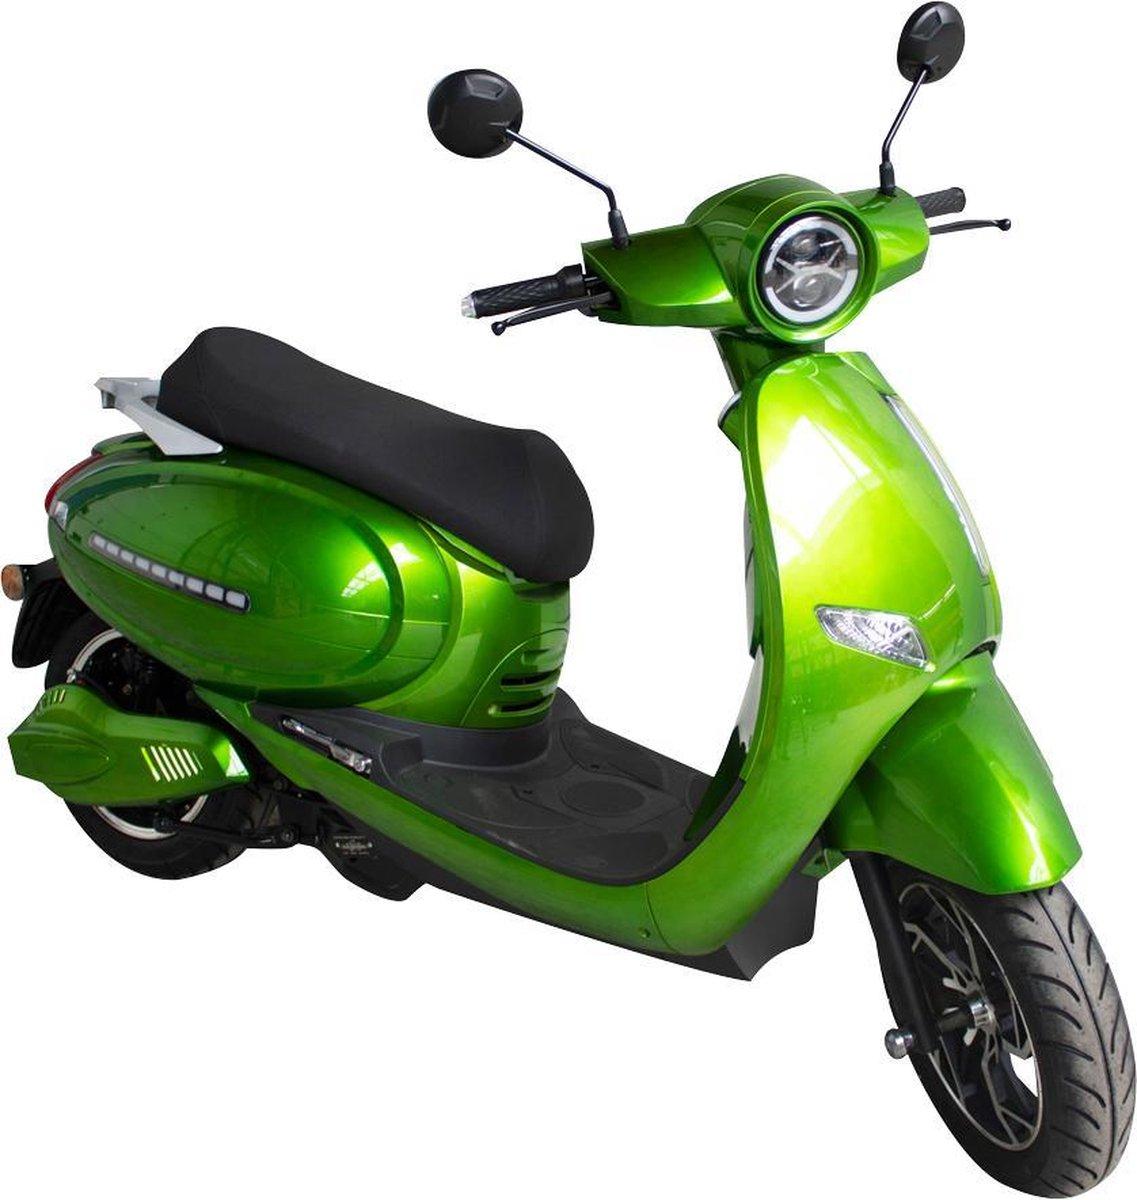 Elephant - City- Elektrische scooter - 25km/h - Actieradius 45km - Groen